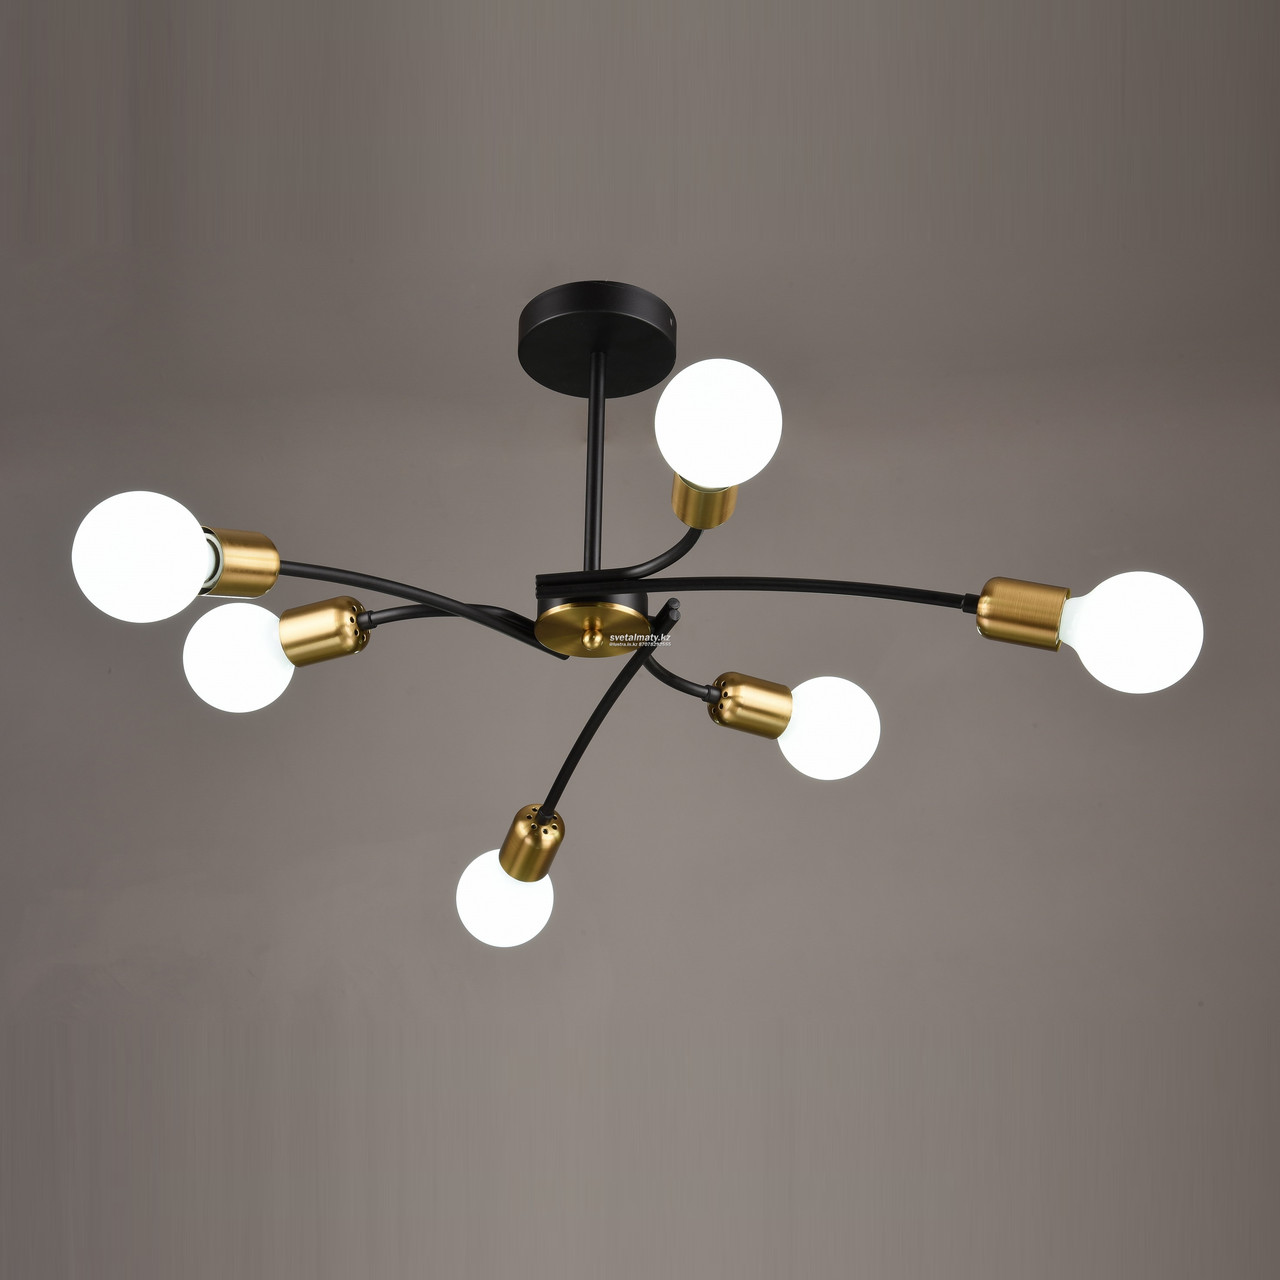 Люстра 6 ламп в стиле современный модерн